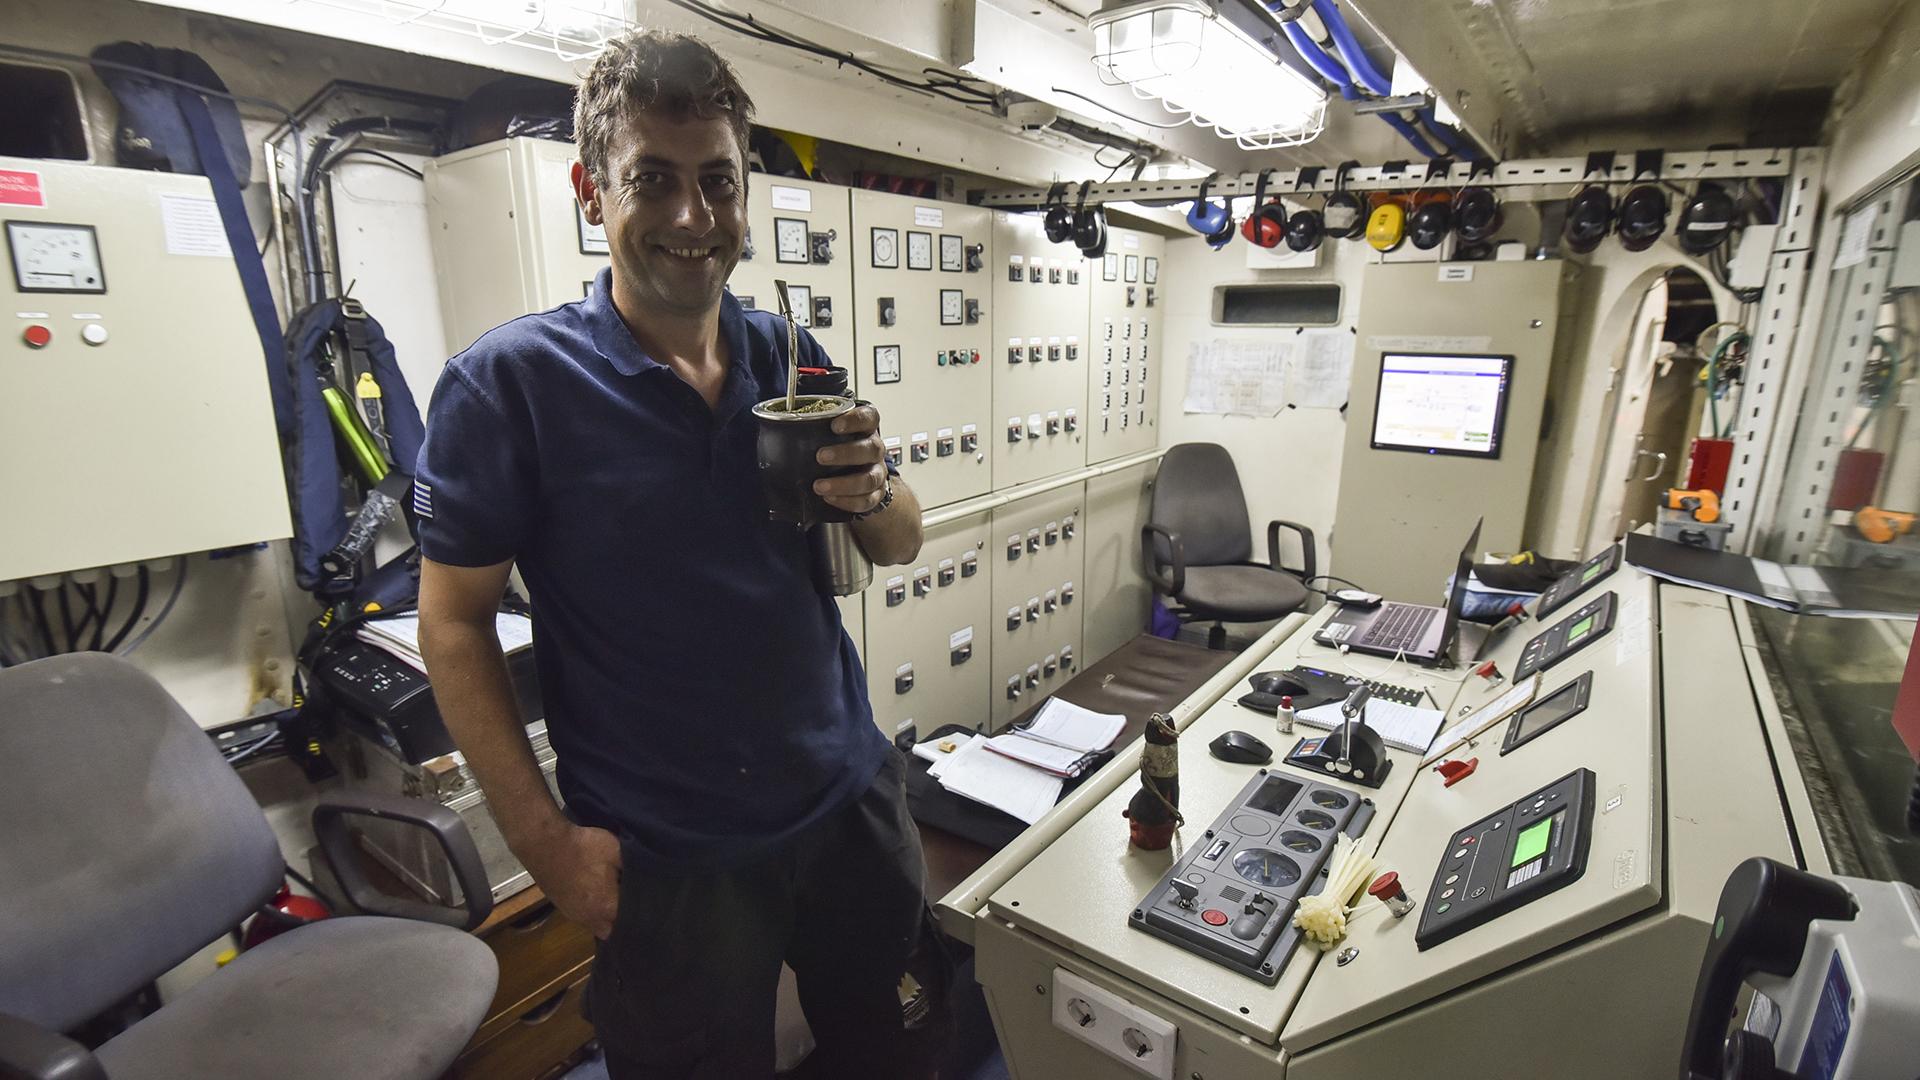 La sala de control en el cuarto de máquinas (Guillermo Llamos)